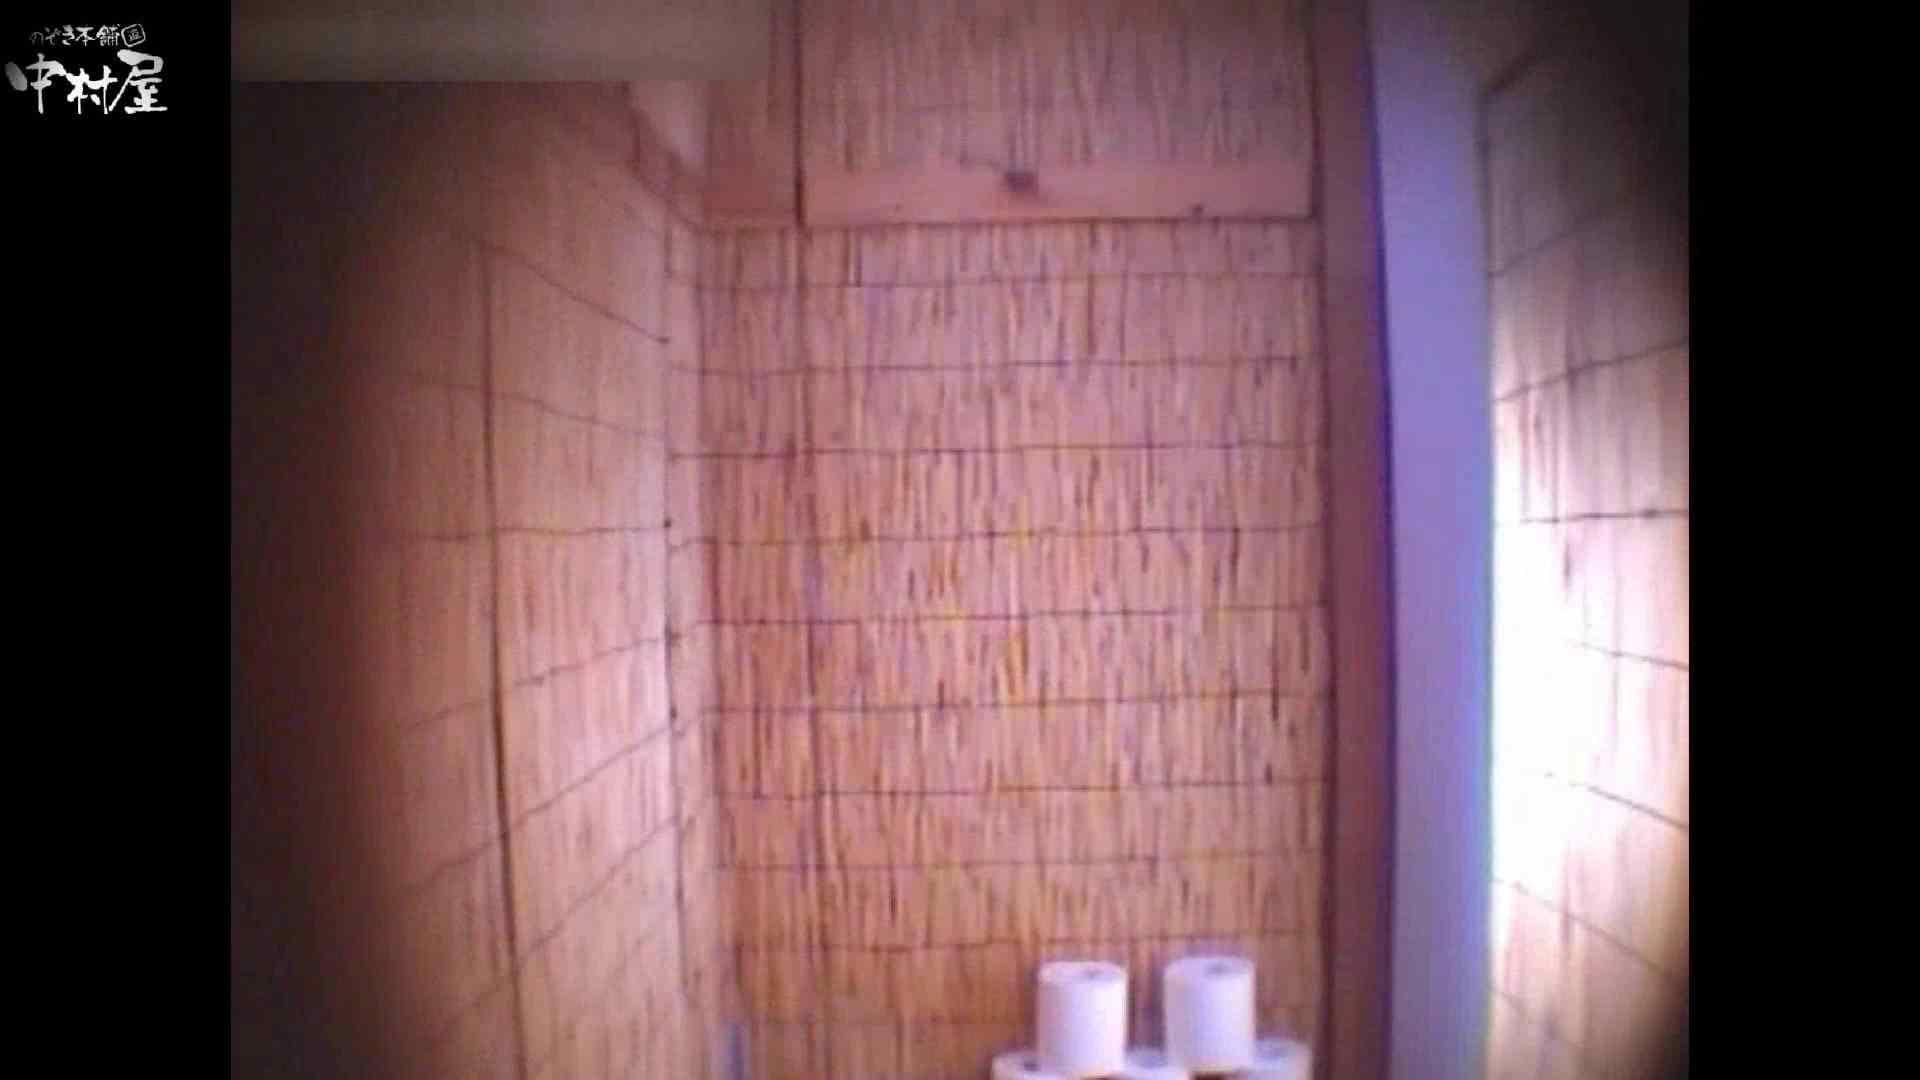 解禁!海の家4カメ洗面所vol.49 洗面所 のぞき濡れ場動画紹介 106画像 42